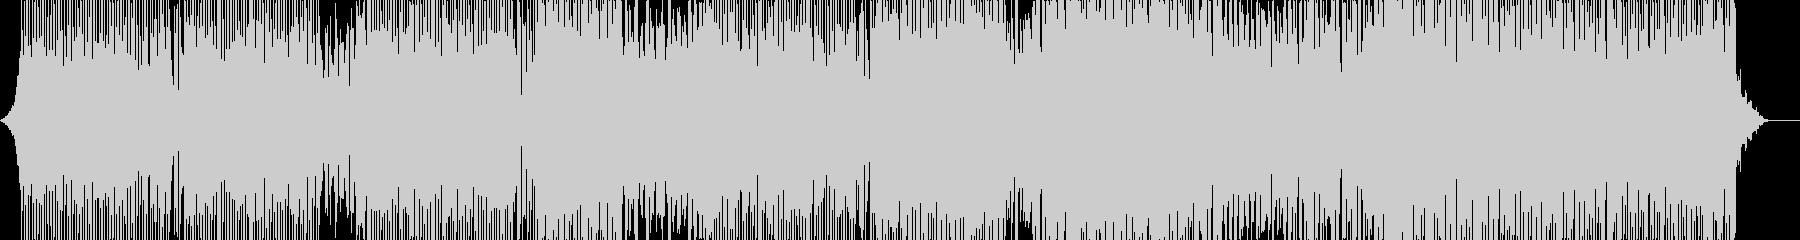 動画BGM向きのクラブミュージックの未再生の波形